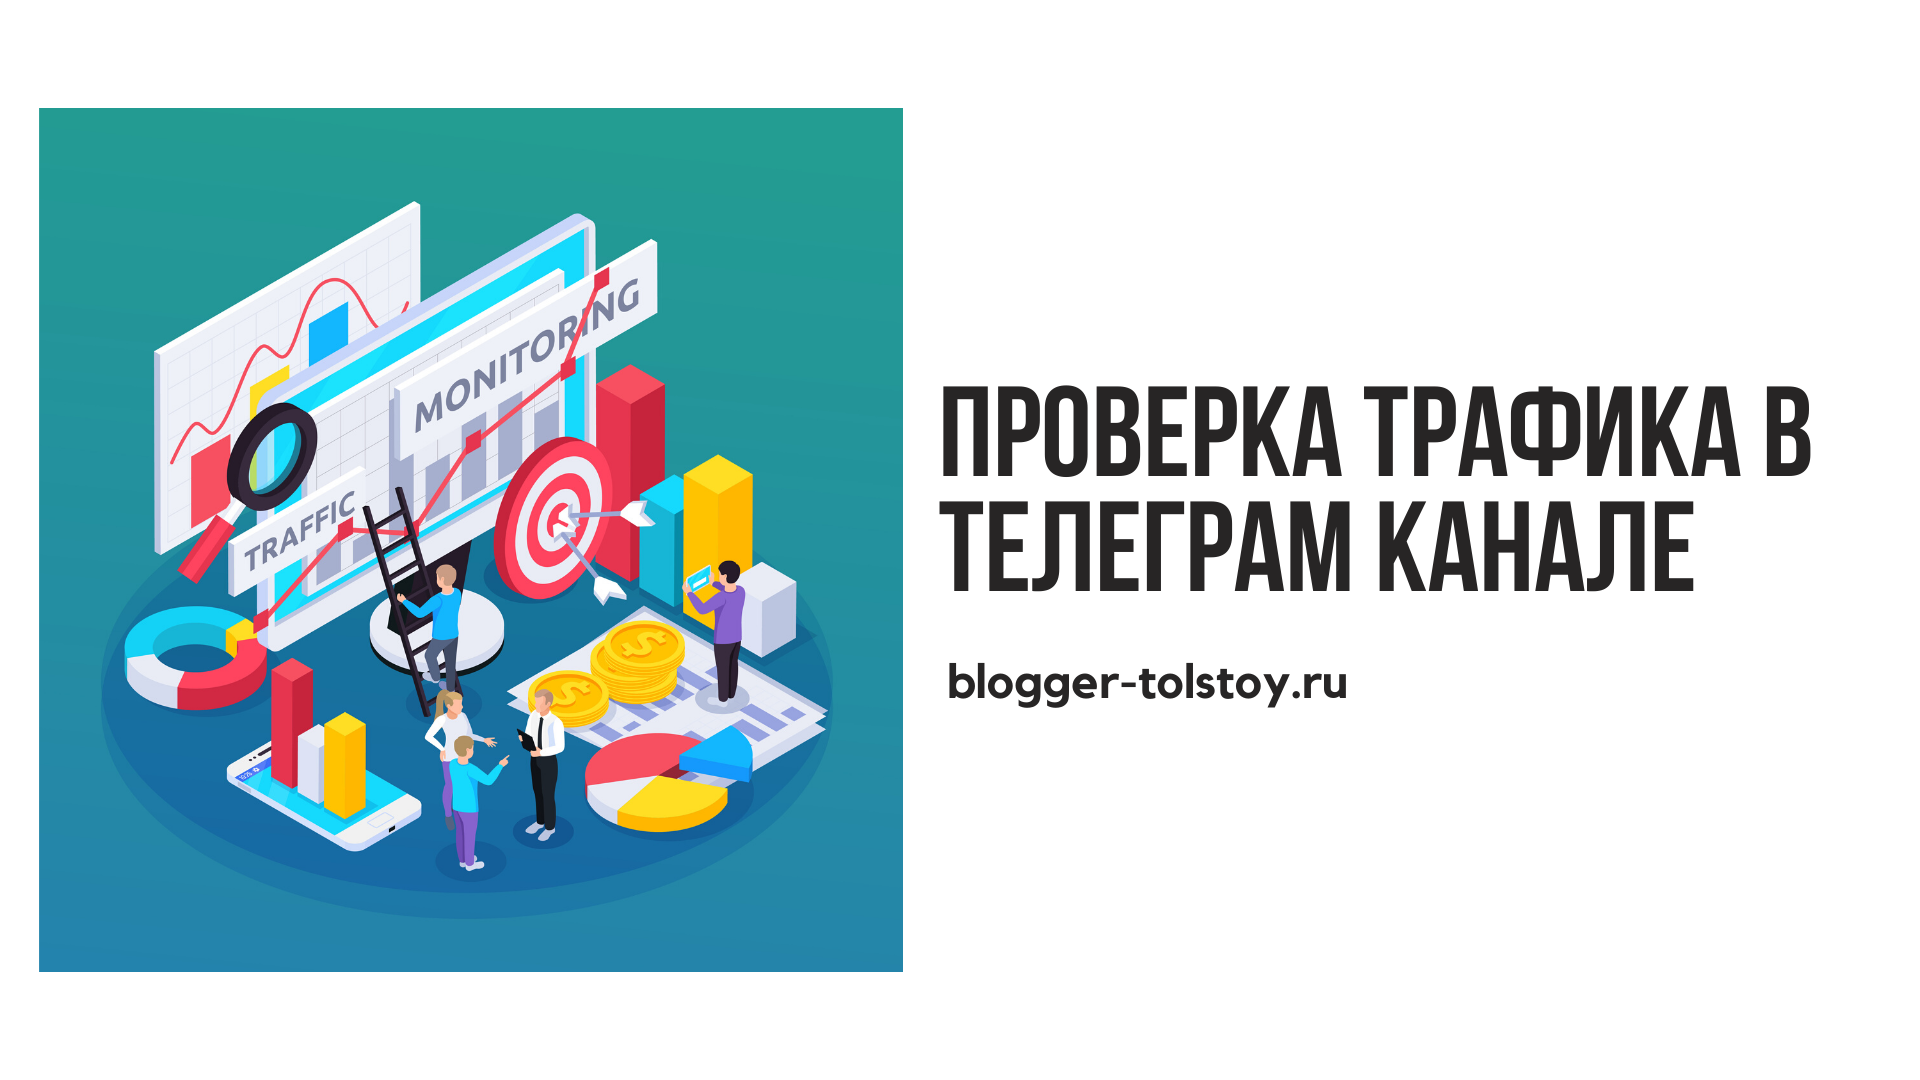 Проверка трафика в Телеграм-канале при проведении рекламной компании